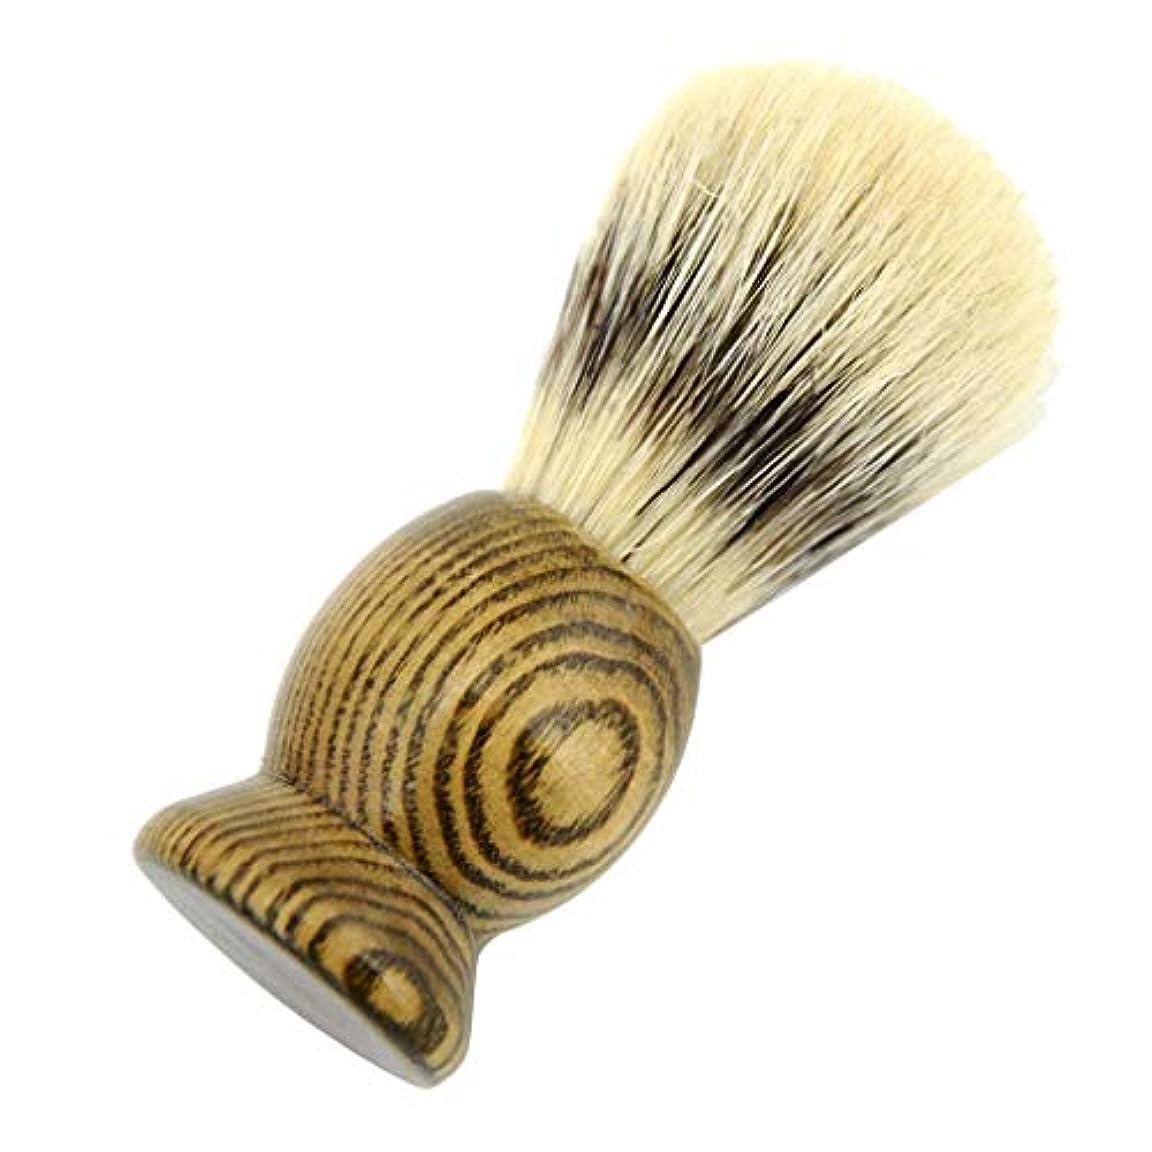 通貨要旨アジア人chiwanji メンズ用 シェービング用ブラシ 理容 洗顔 髭剃り 泡立ち サロン 家庭用 ボックス付き